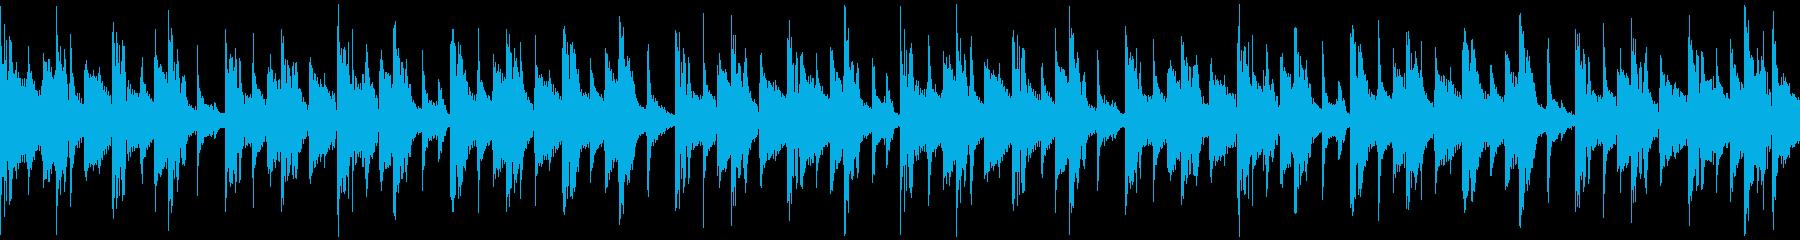 【メロなし/ループサビ】シティポップの再生済みの波形